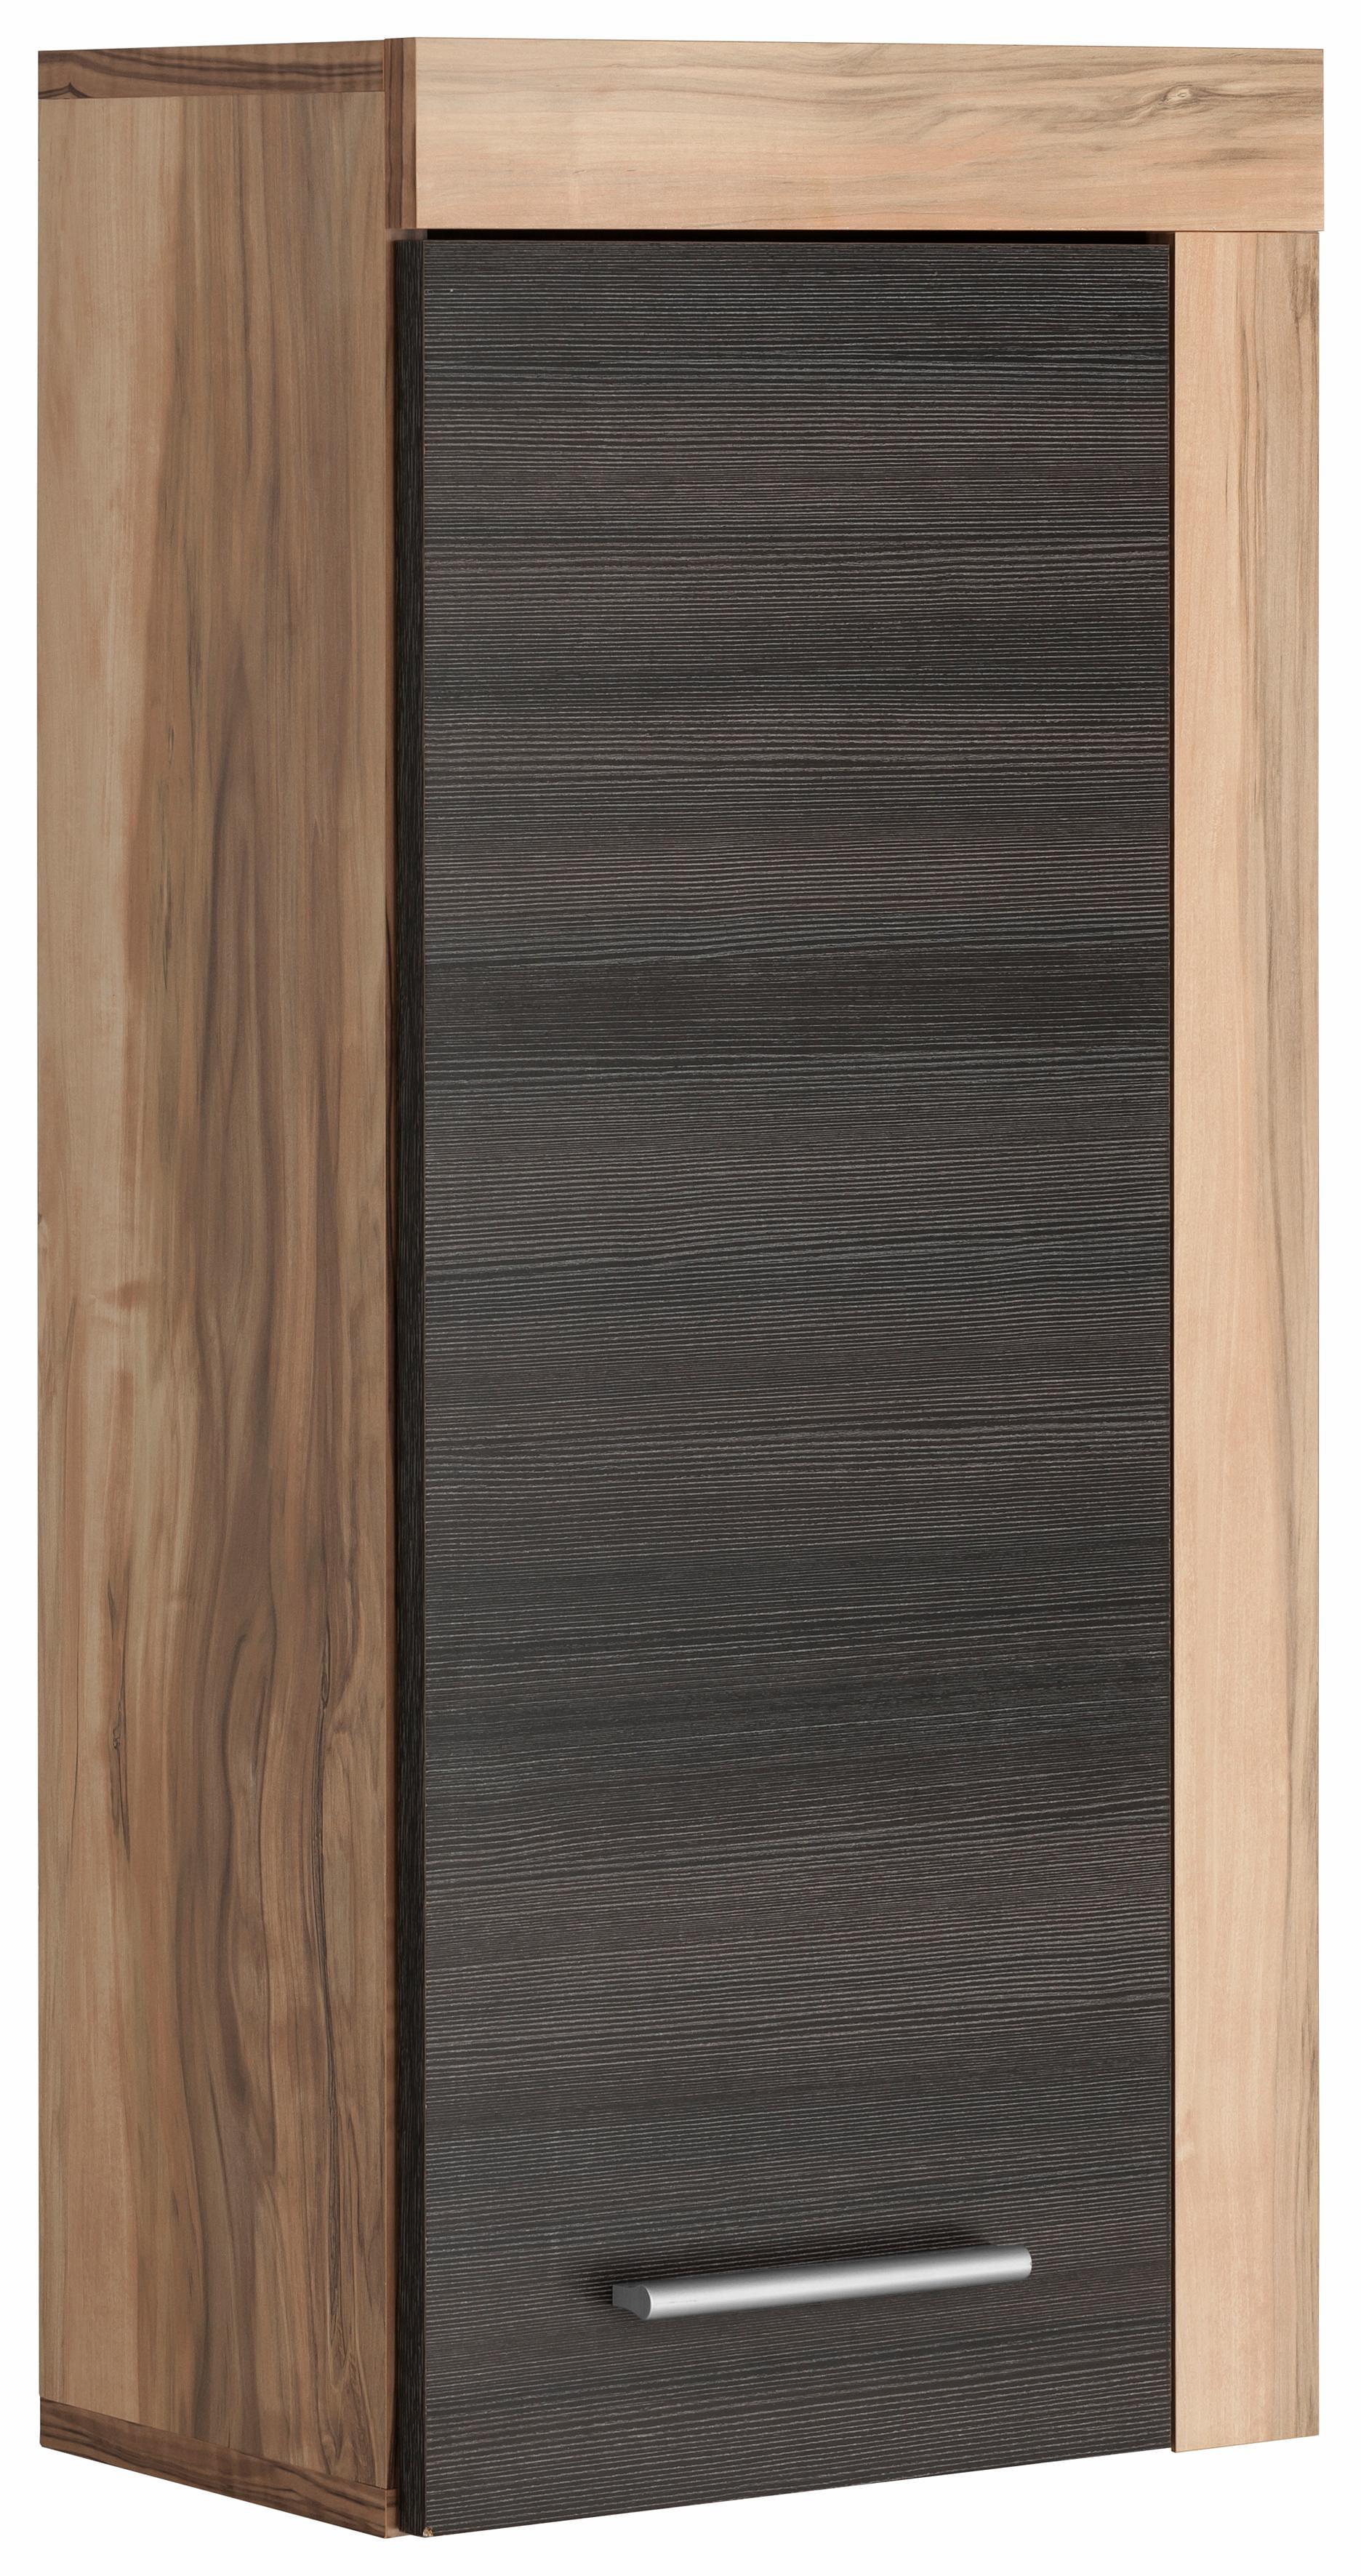 Op zoek naar een trendteam hangend kastje Cancun met randen in houttinten, breedte 36 cm? Koop online bij OTTO